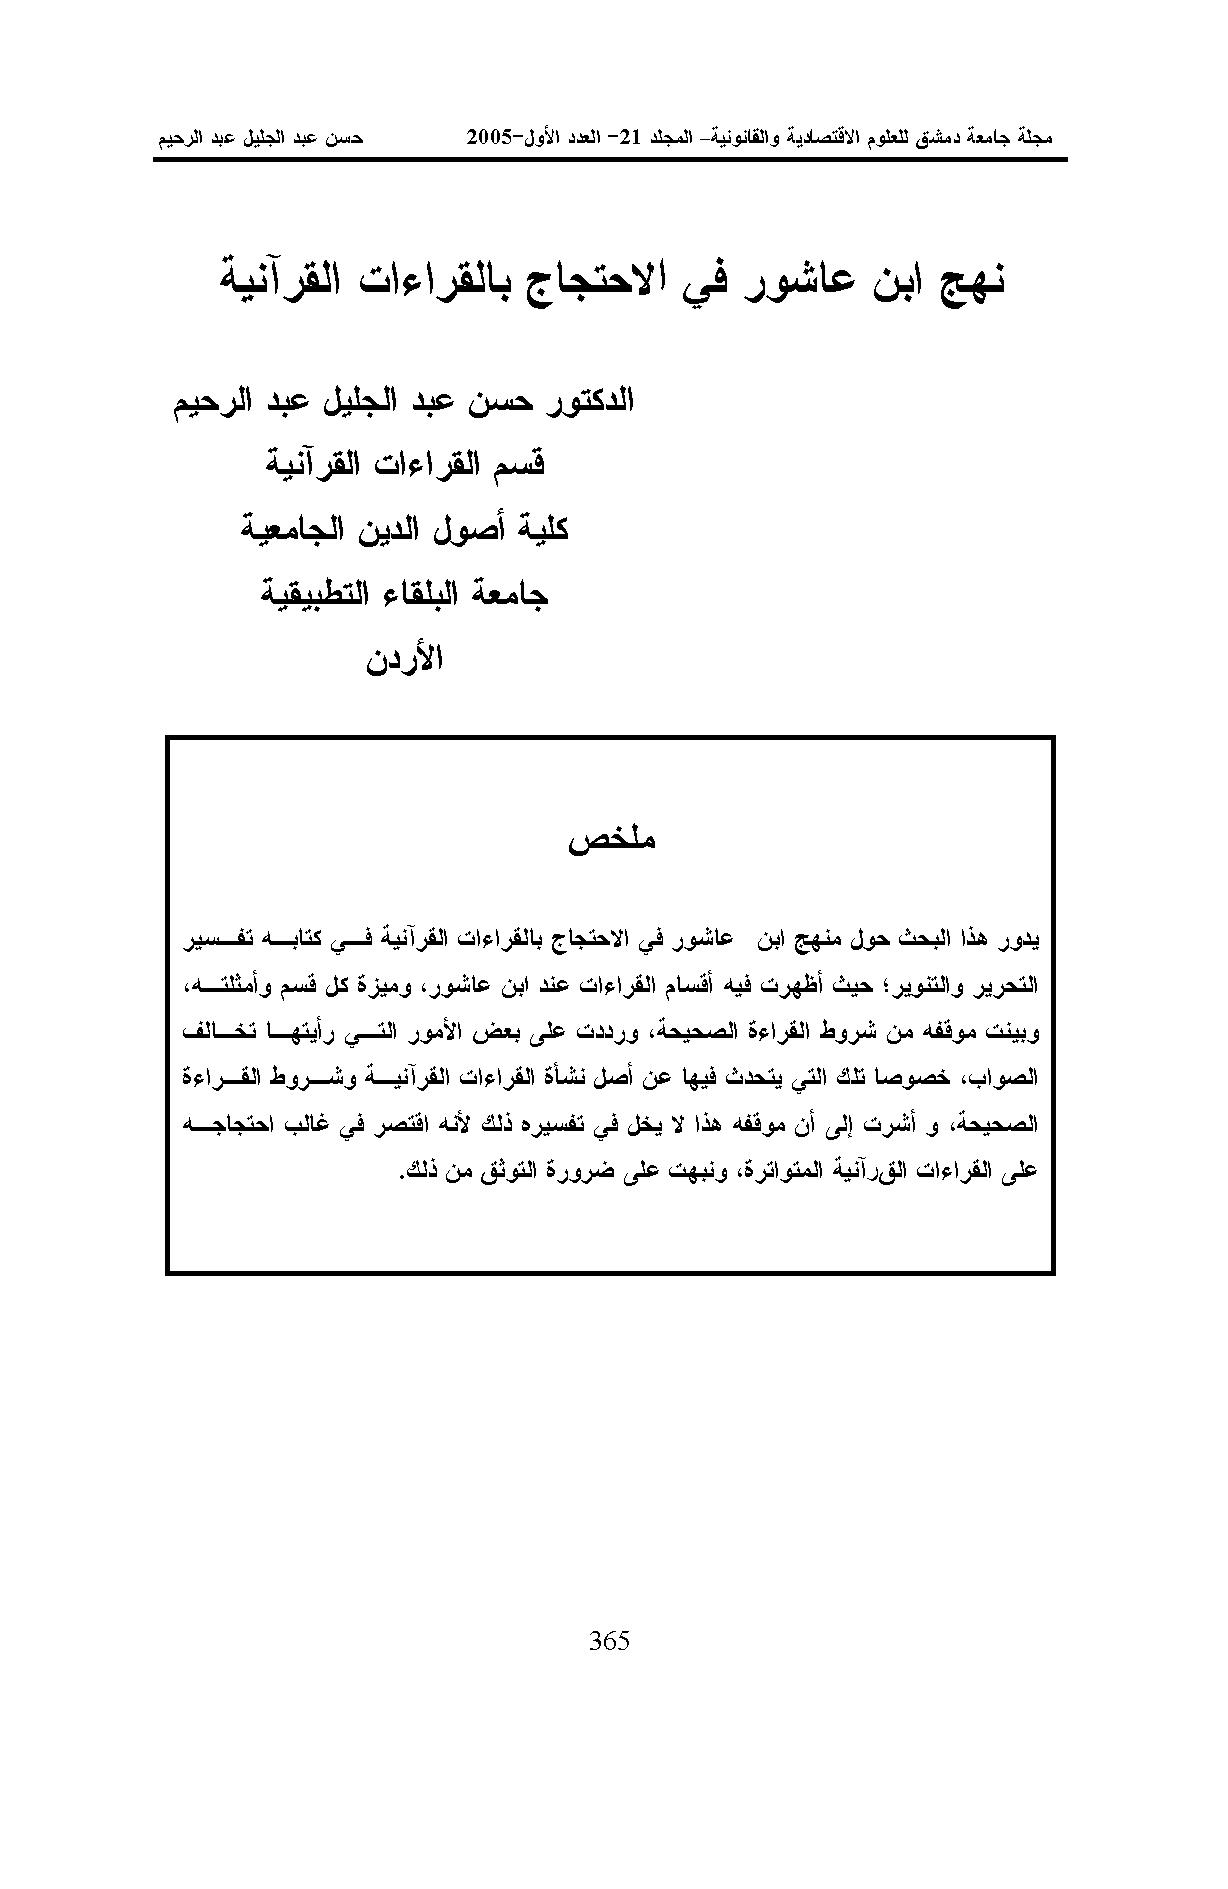 تحميل كتاب نهج ابن عاشور في الاحتجاج بالقراءات القرآنية لـِ: الدكتور حسن عبد الجليل عبد الرحيم علي العبادلة